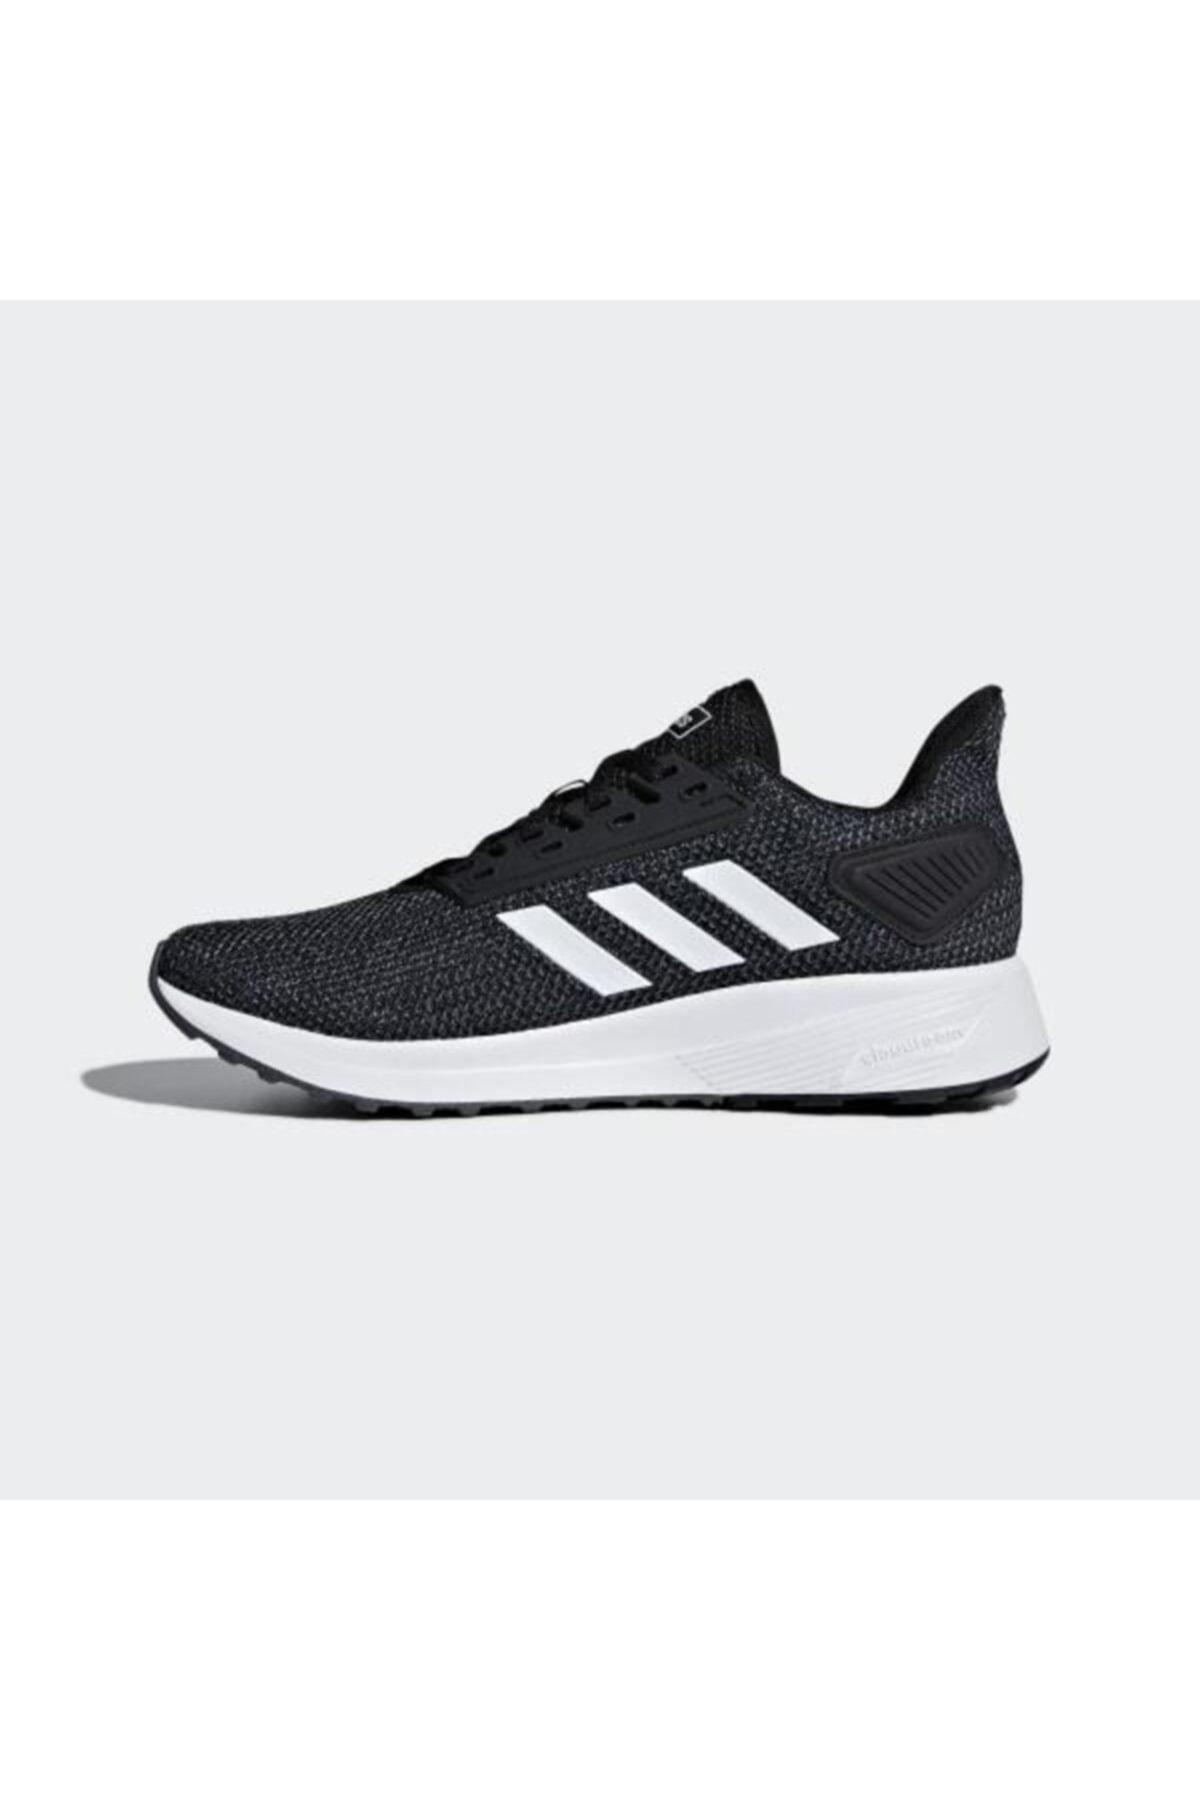 adidas DURAMO 9 Siyah Kadın Koşu Ayakkabısı 100482032 2